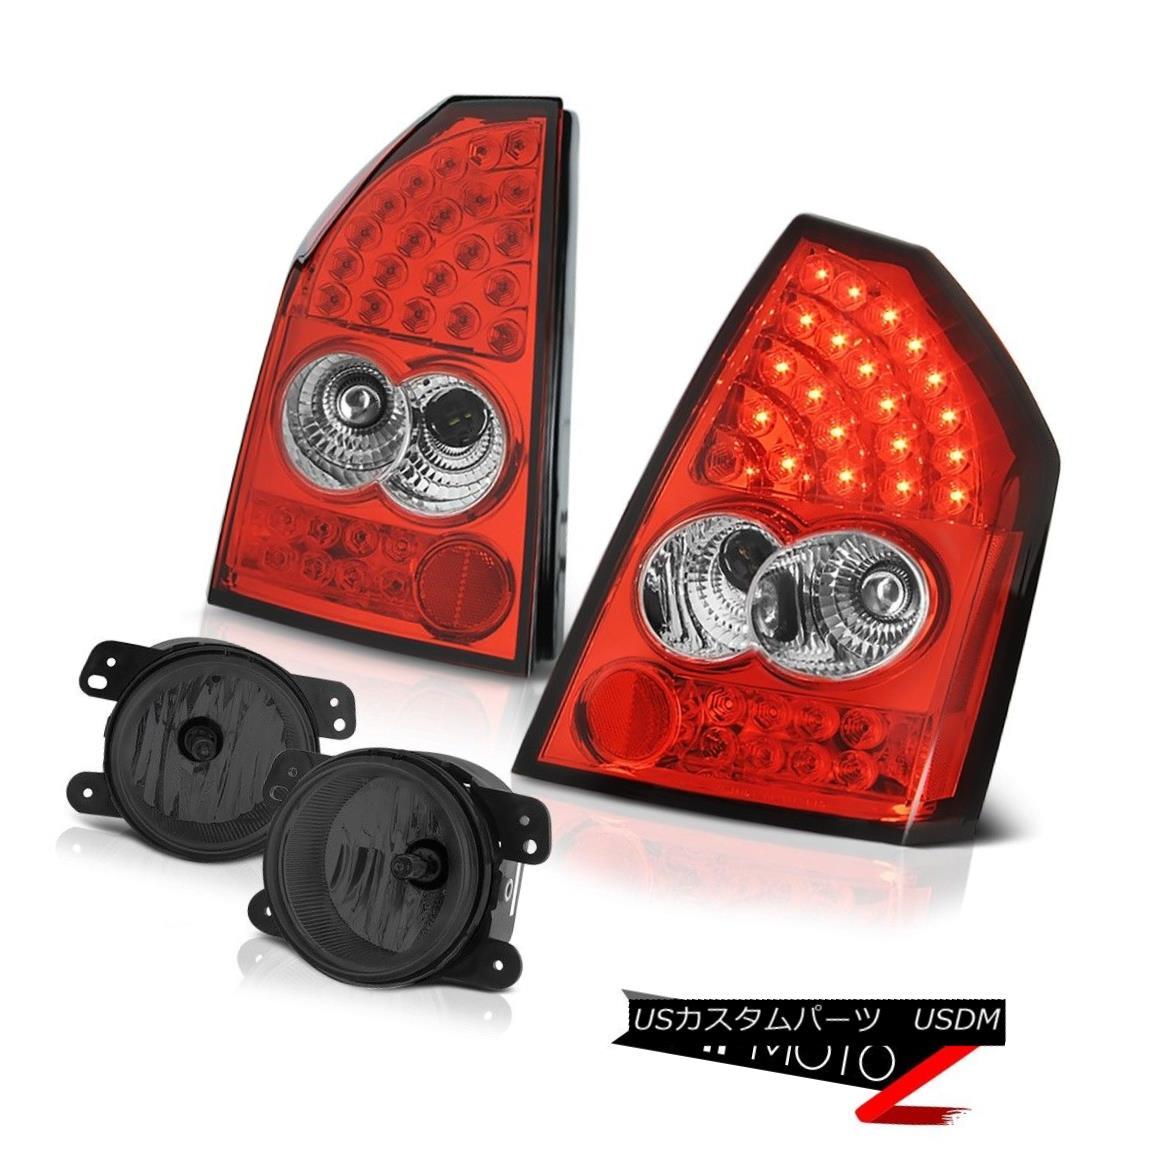 テールライト 2005-2007 Chrysler 300 2.7L Wine Red LED Taillamps Driving Fog Lights Class 2005-2007クライスラー300 2.7LワインレッドLEDタイルランプ、フォグライトクラス駆動